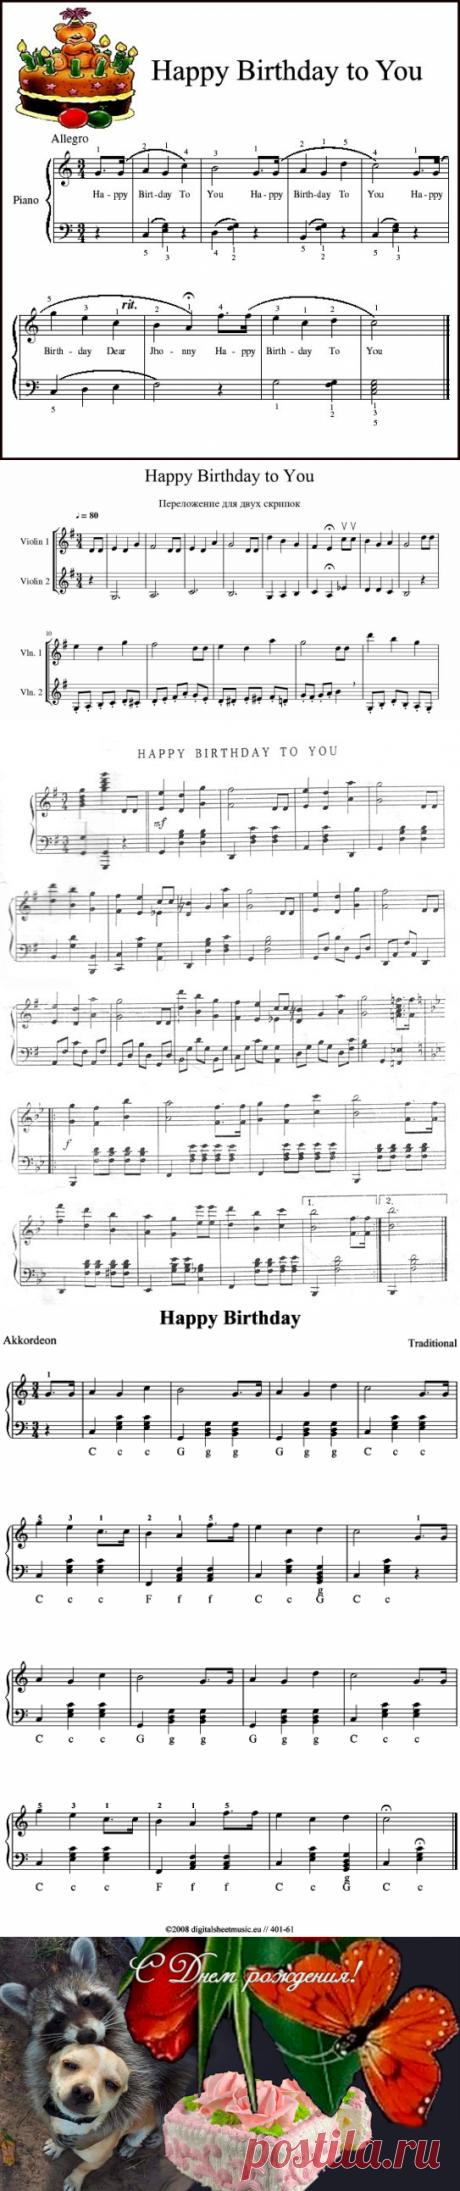 Песня с Днем рождения. Happy Birthday to you . Видео, текст, ноты | С Днем рождения | Яндекс Дзен